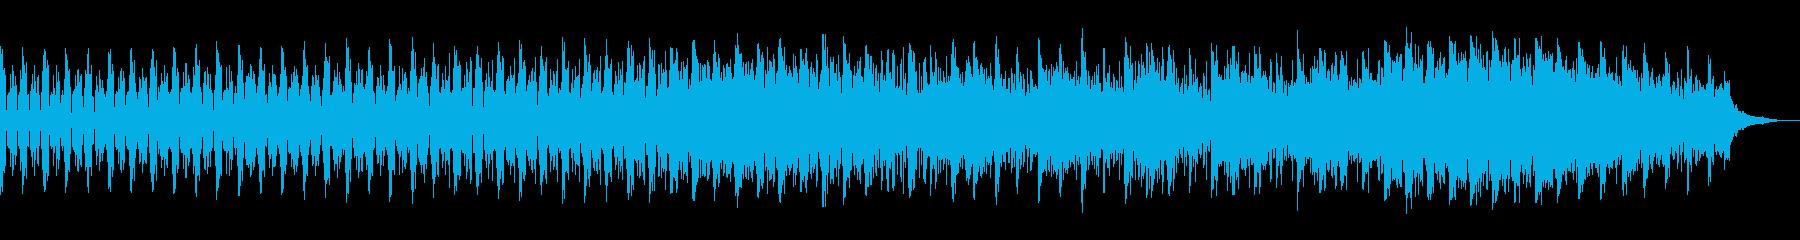 ちょっと可愛いSF感のあるエレクトロニカの再生済みの波形